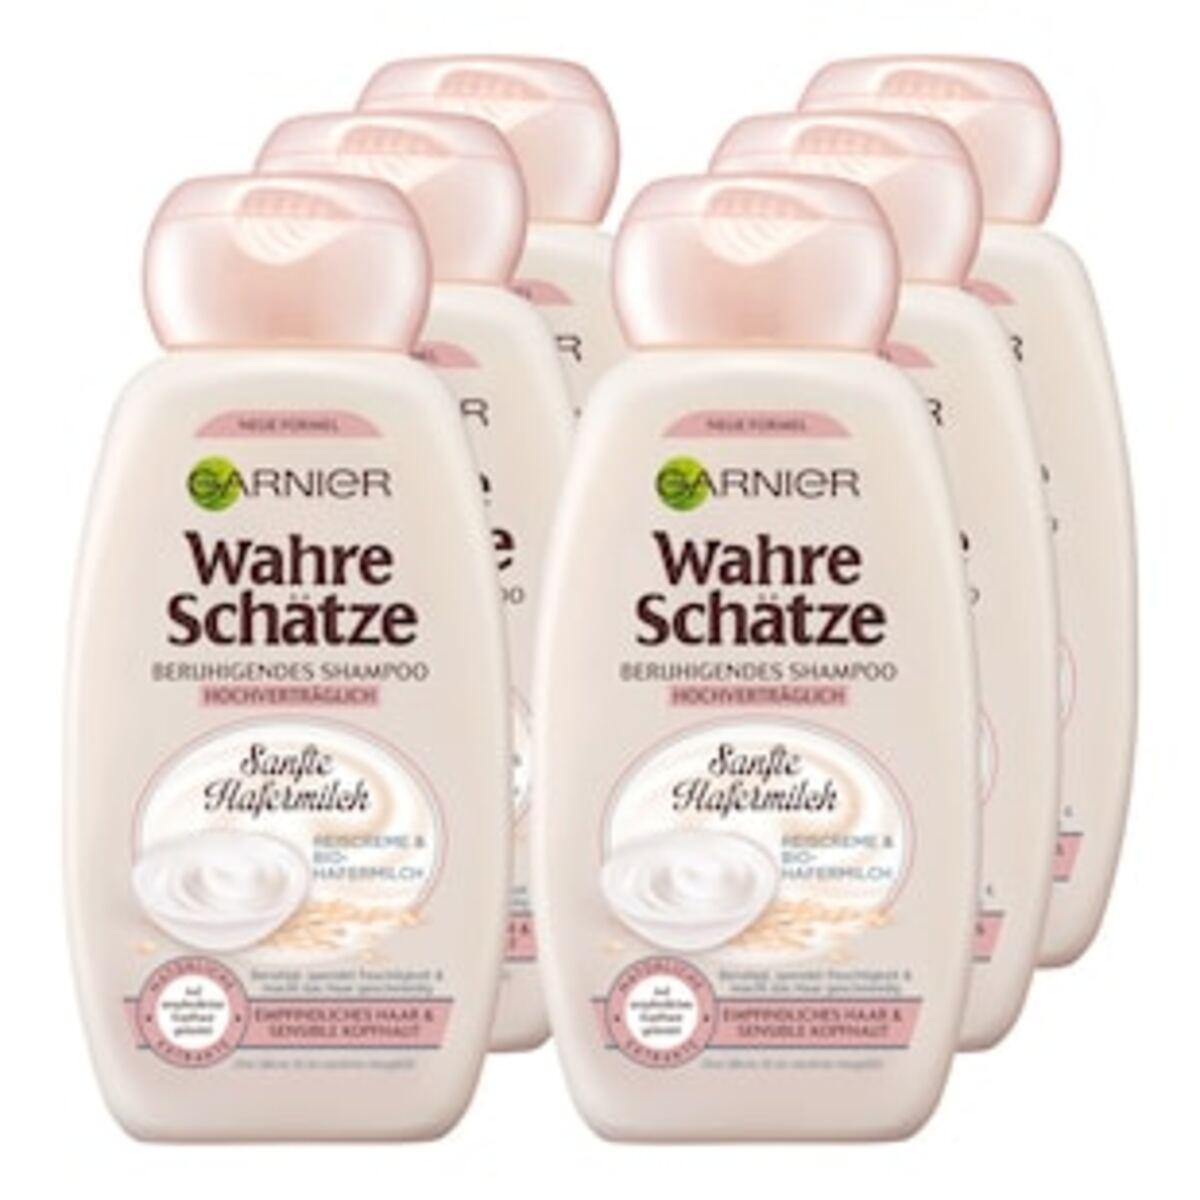 Bild 2 von Garnier Wahre Schätze Shampoo Hafermilch 250 ml, 6er Pack